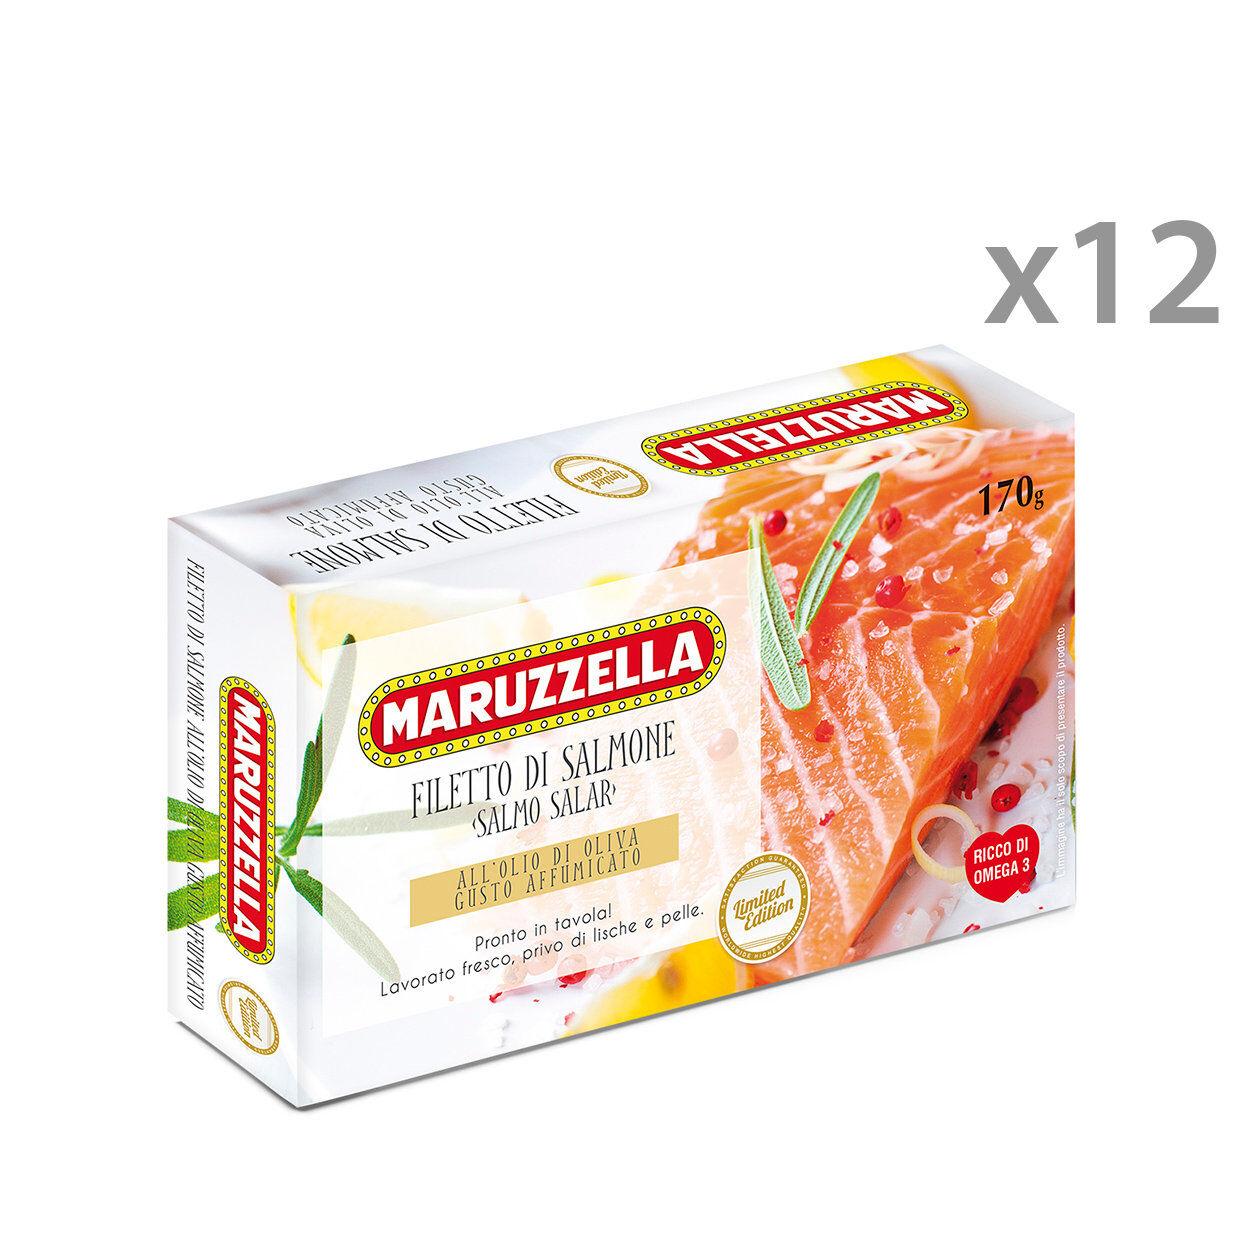 Maruzzella 12 confezioni - Filetti salmone Maruzzella affumicato 170 gr